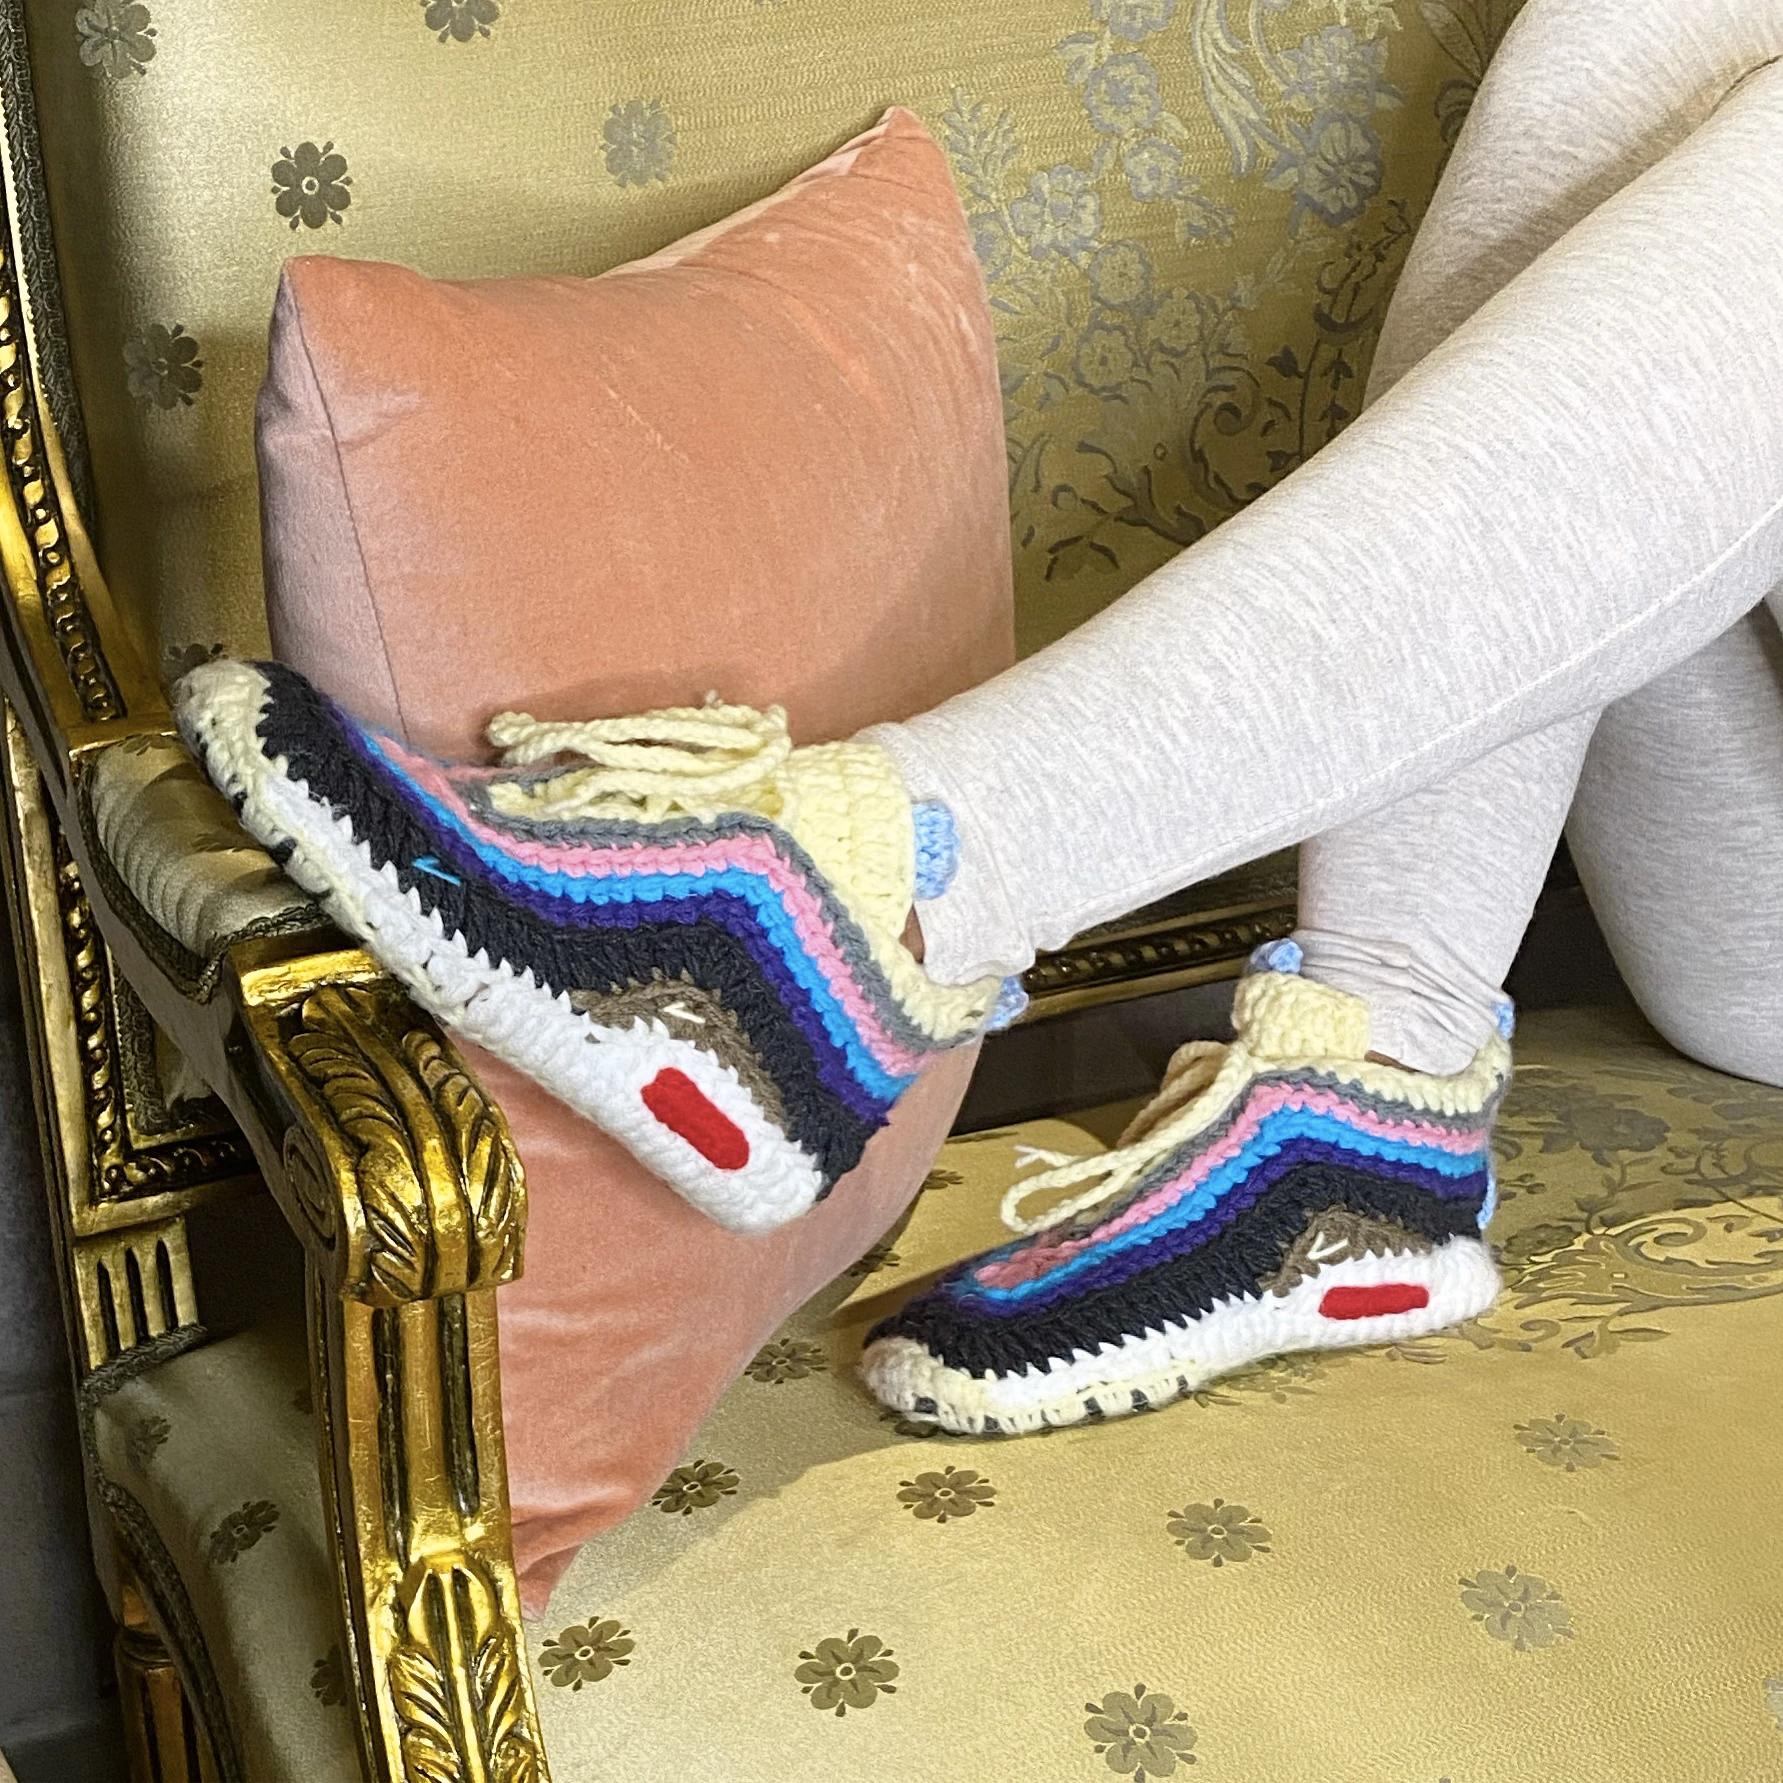 models wears knit slippers shaped like sneakers